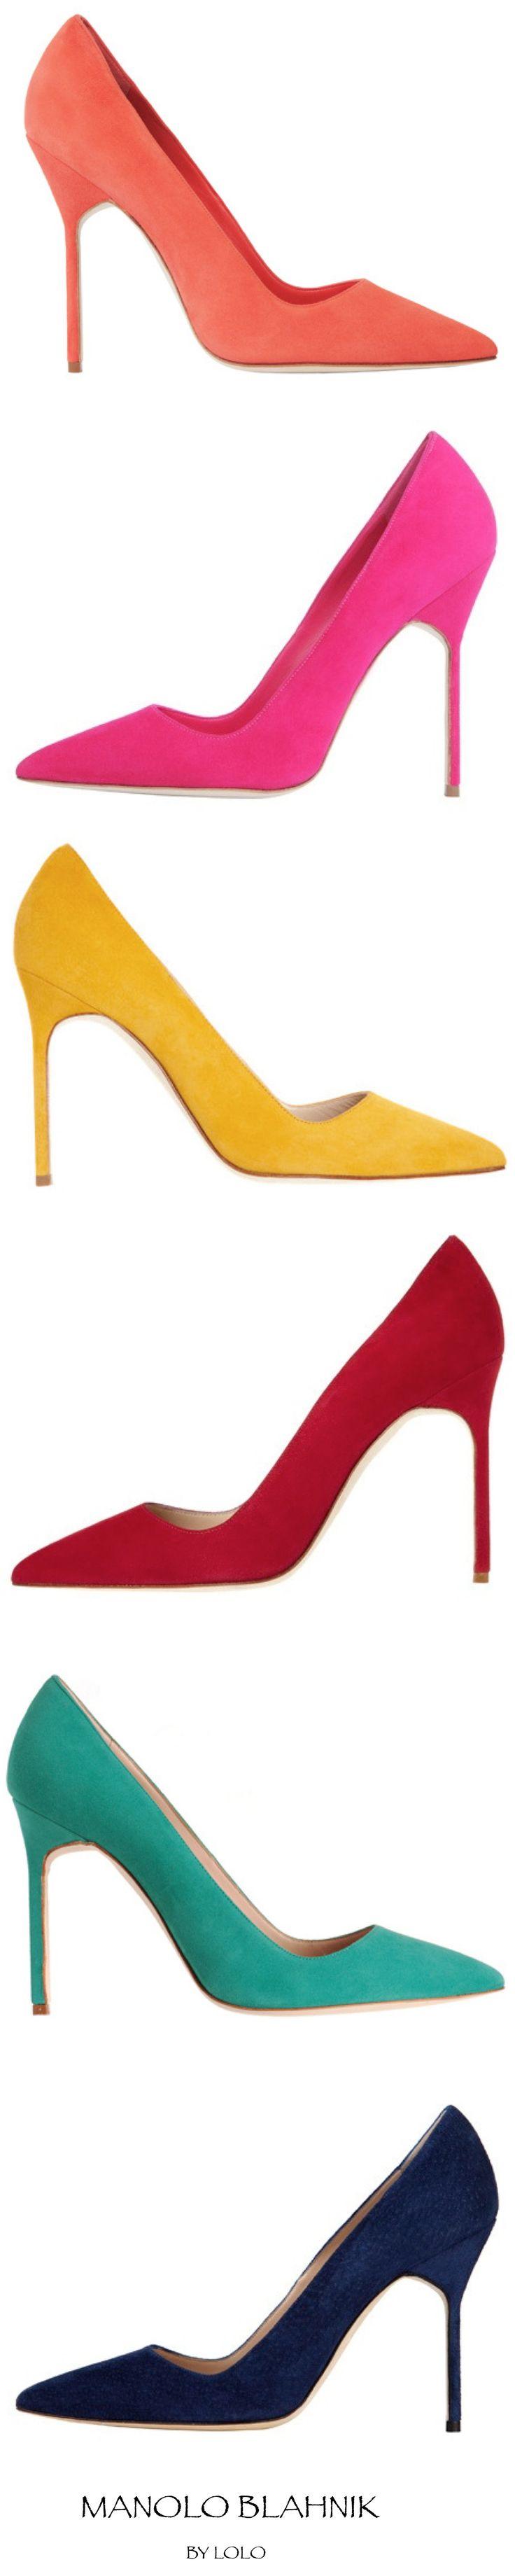 Manolo Blahnik...pick your color!